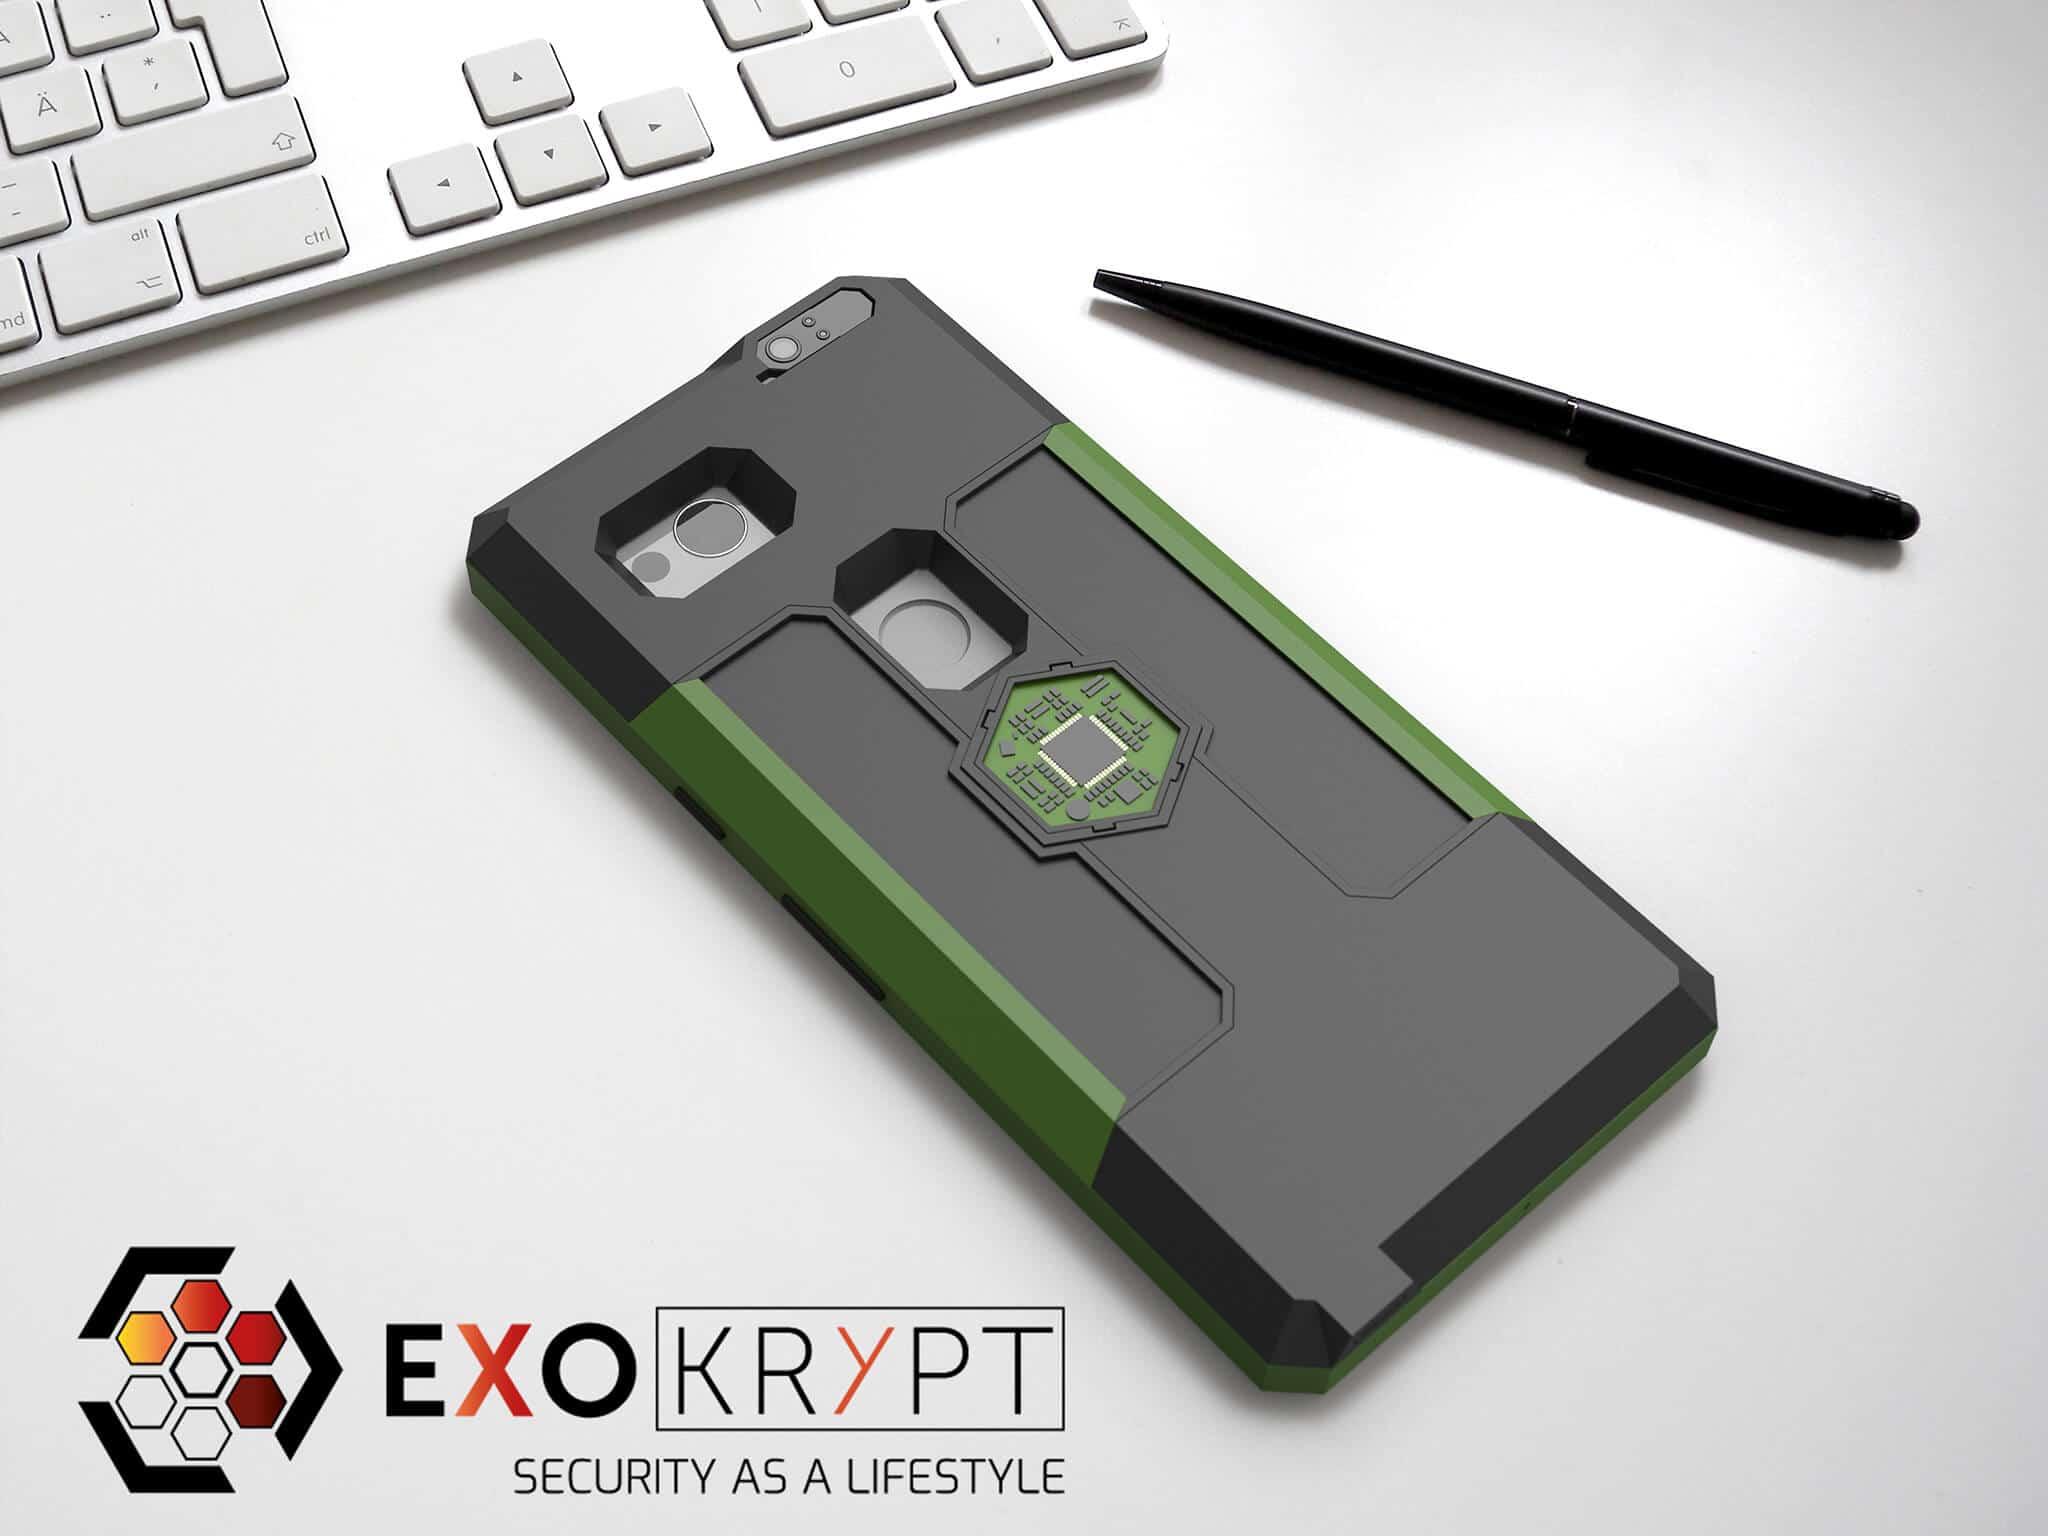 ExoShield BUSINESS Smartphone Case - Brushed Olive Metal Frame - Schwarze Inlets auf einem Tisch auf einem Papierblatt liegend mit Kugelschreiber daneben, Mac Tastatur darüber